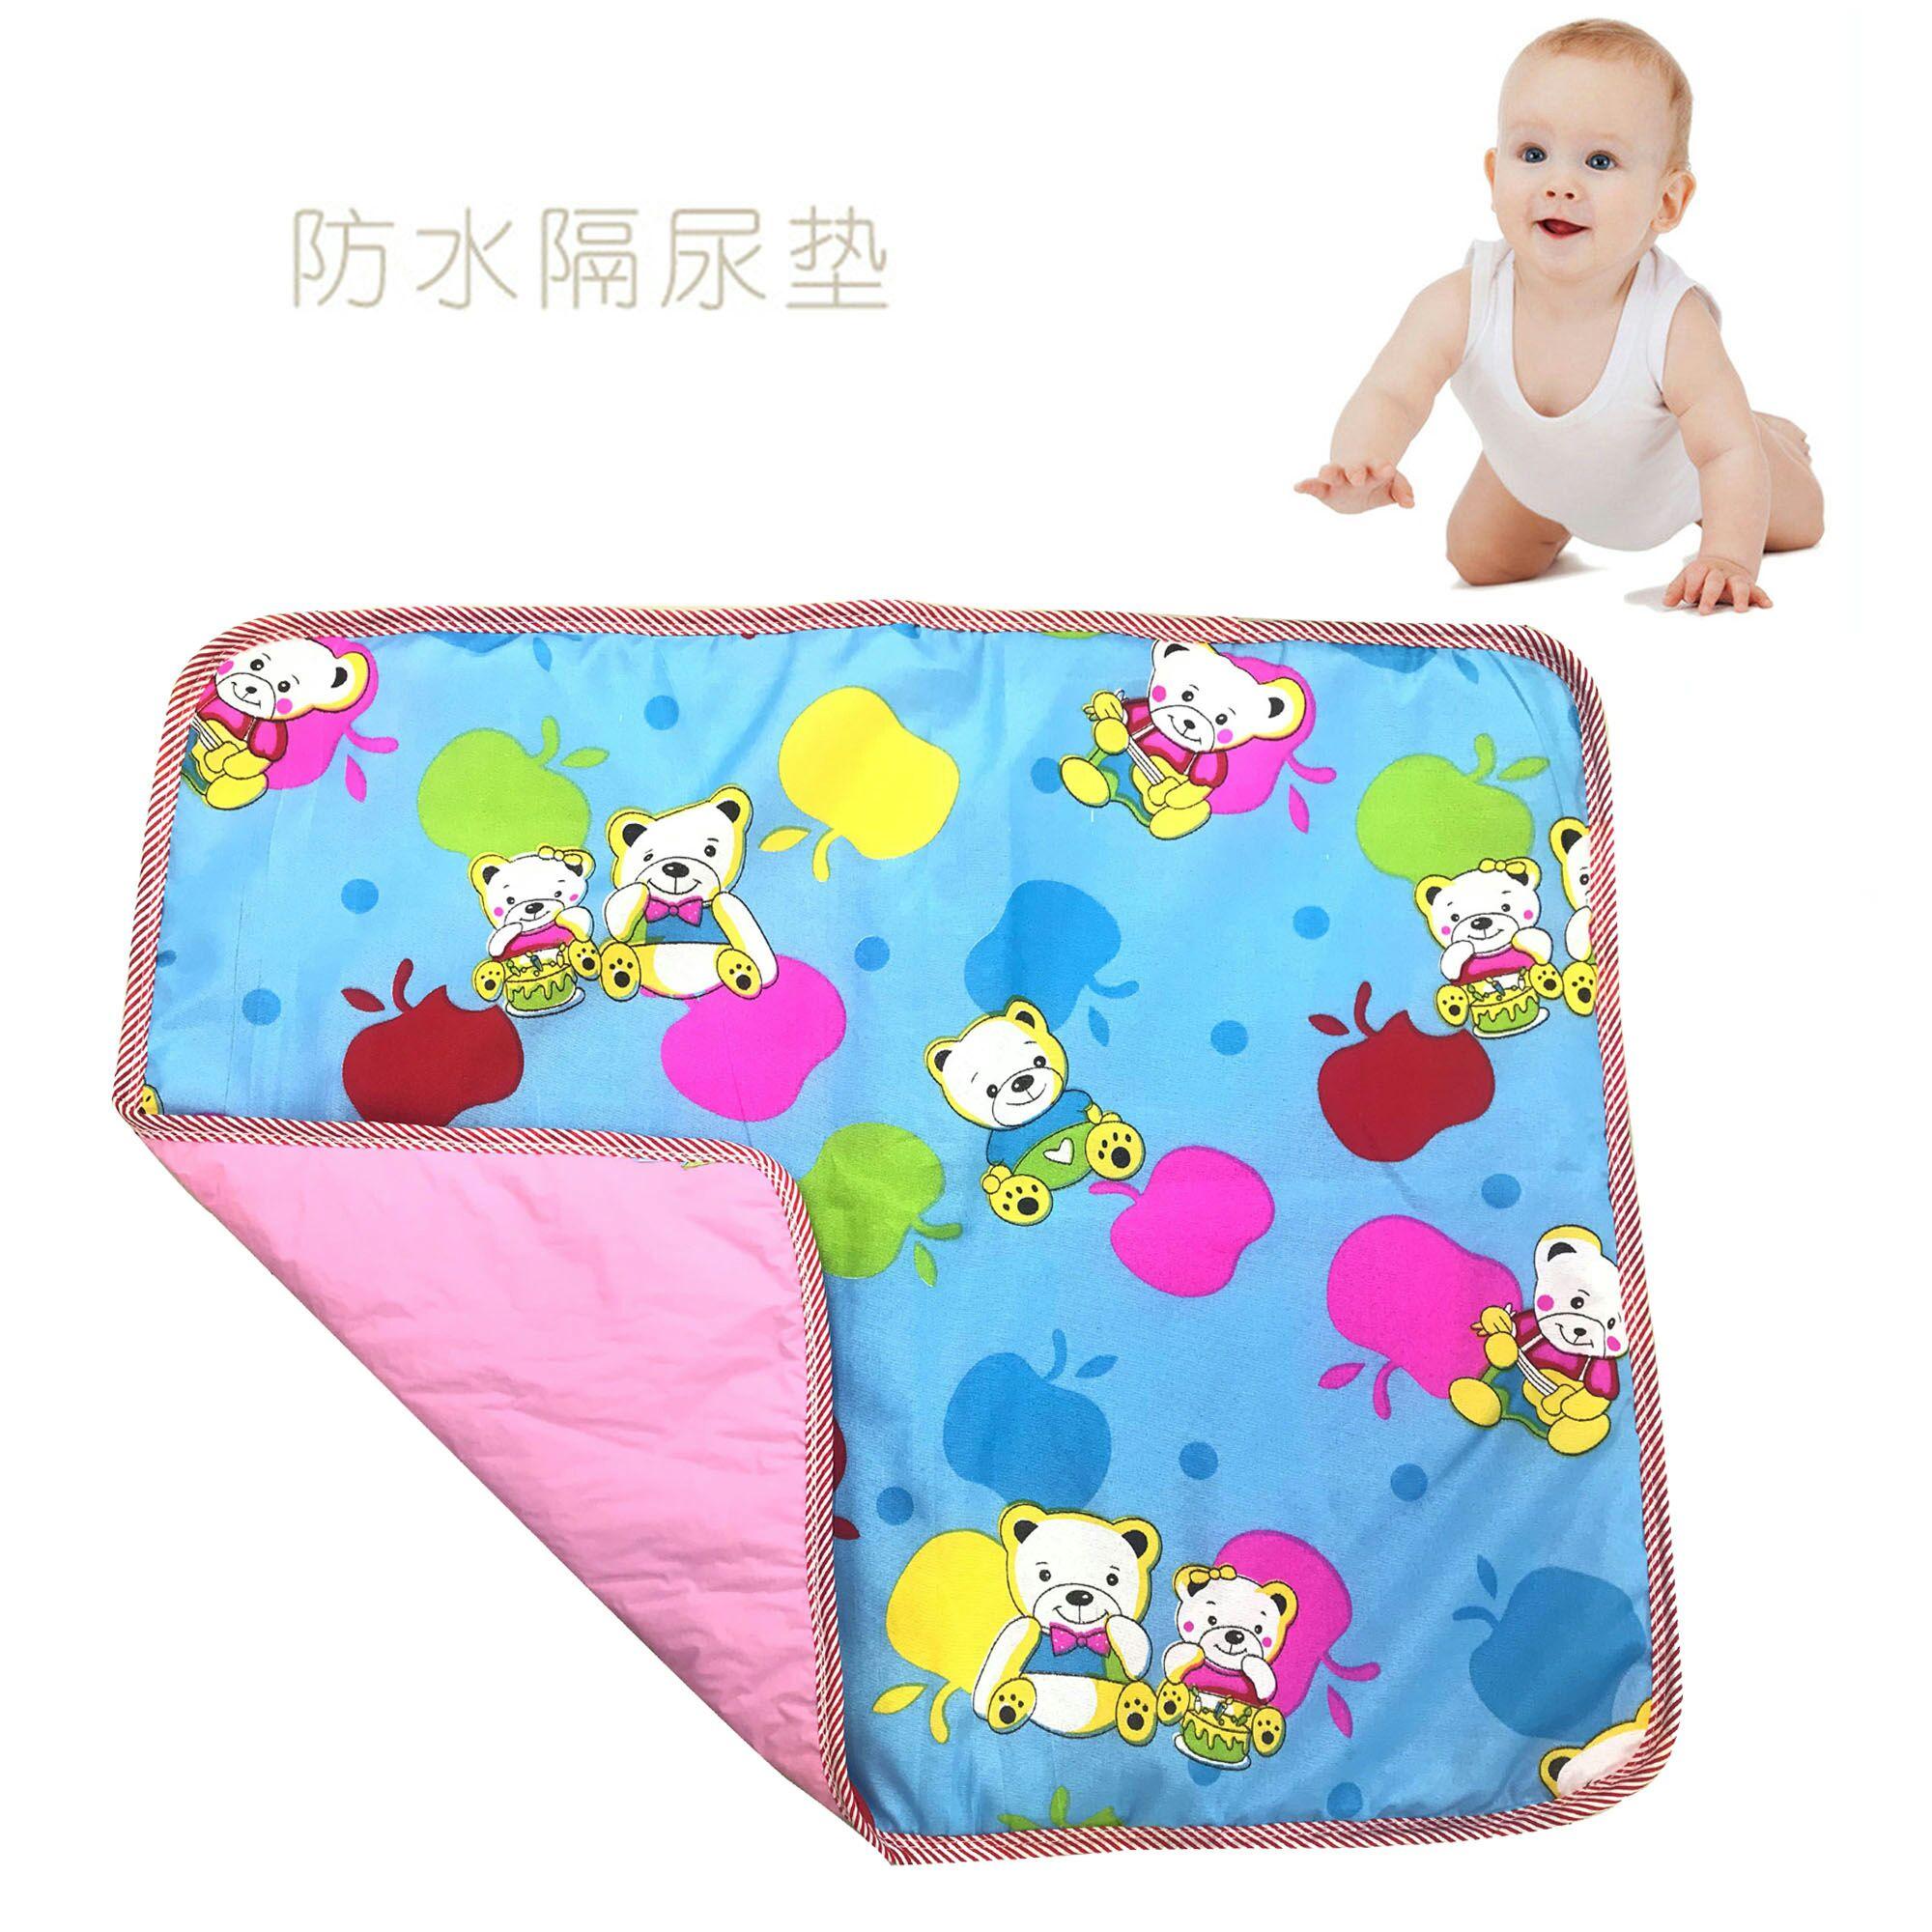 婴儿印花防水 中号隔尿垫 均码防尿湿可洗尿布男女宝宝通用75*60